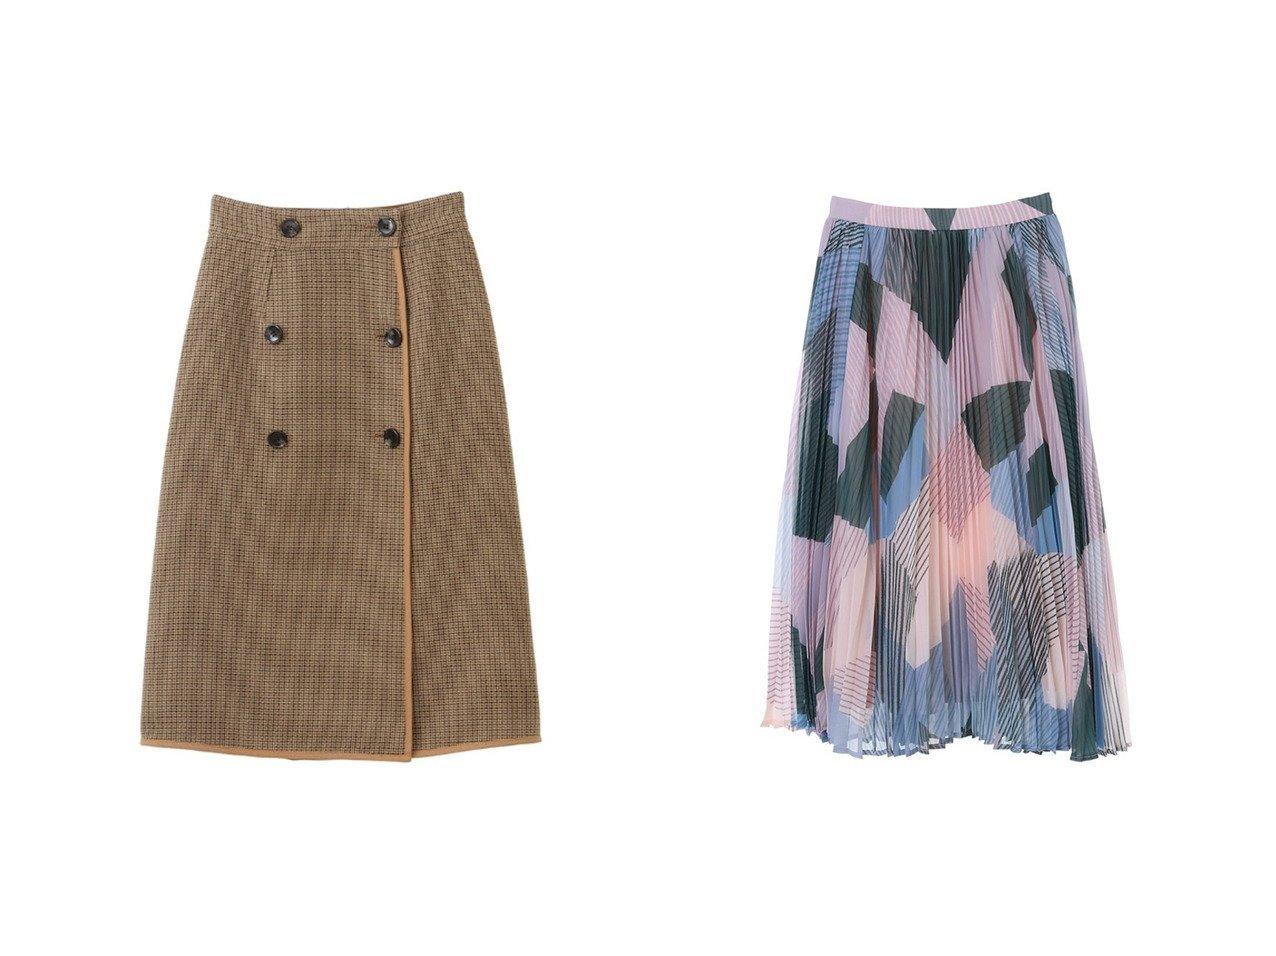 【31 Sons de mode/トランテアン ソン ドゥ モード】の【スカート】リバーシブルチェックタイトスカート&幾何学柄プリーツスカート スカートのおすすめ!人気、レディースファッションの通販 おすすめで人気のファッション通販商品 インテリア・家具・キッズファッション・メンズファッション・レディースファッション・服の通販 founy(ファニー) https://founy.com/ ファッション Fashion レディース WOMEN スカート Skirt プリーツスカート Pleated Skirts クラシカル ダブル フロント ペチコート リバーシブル 冬 Winter |ID:crp329100000001511